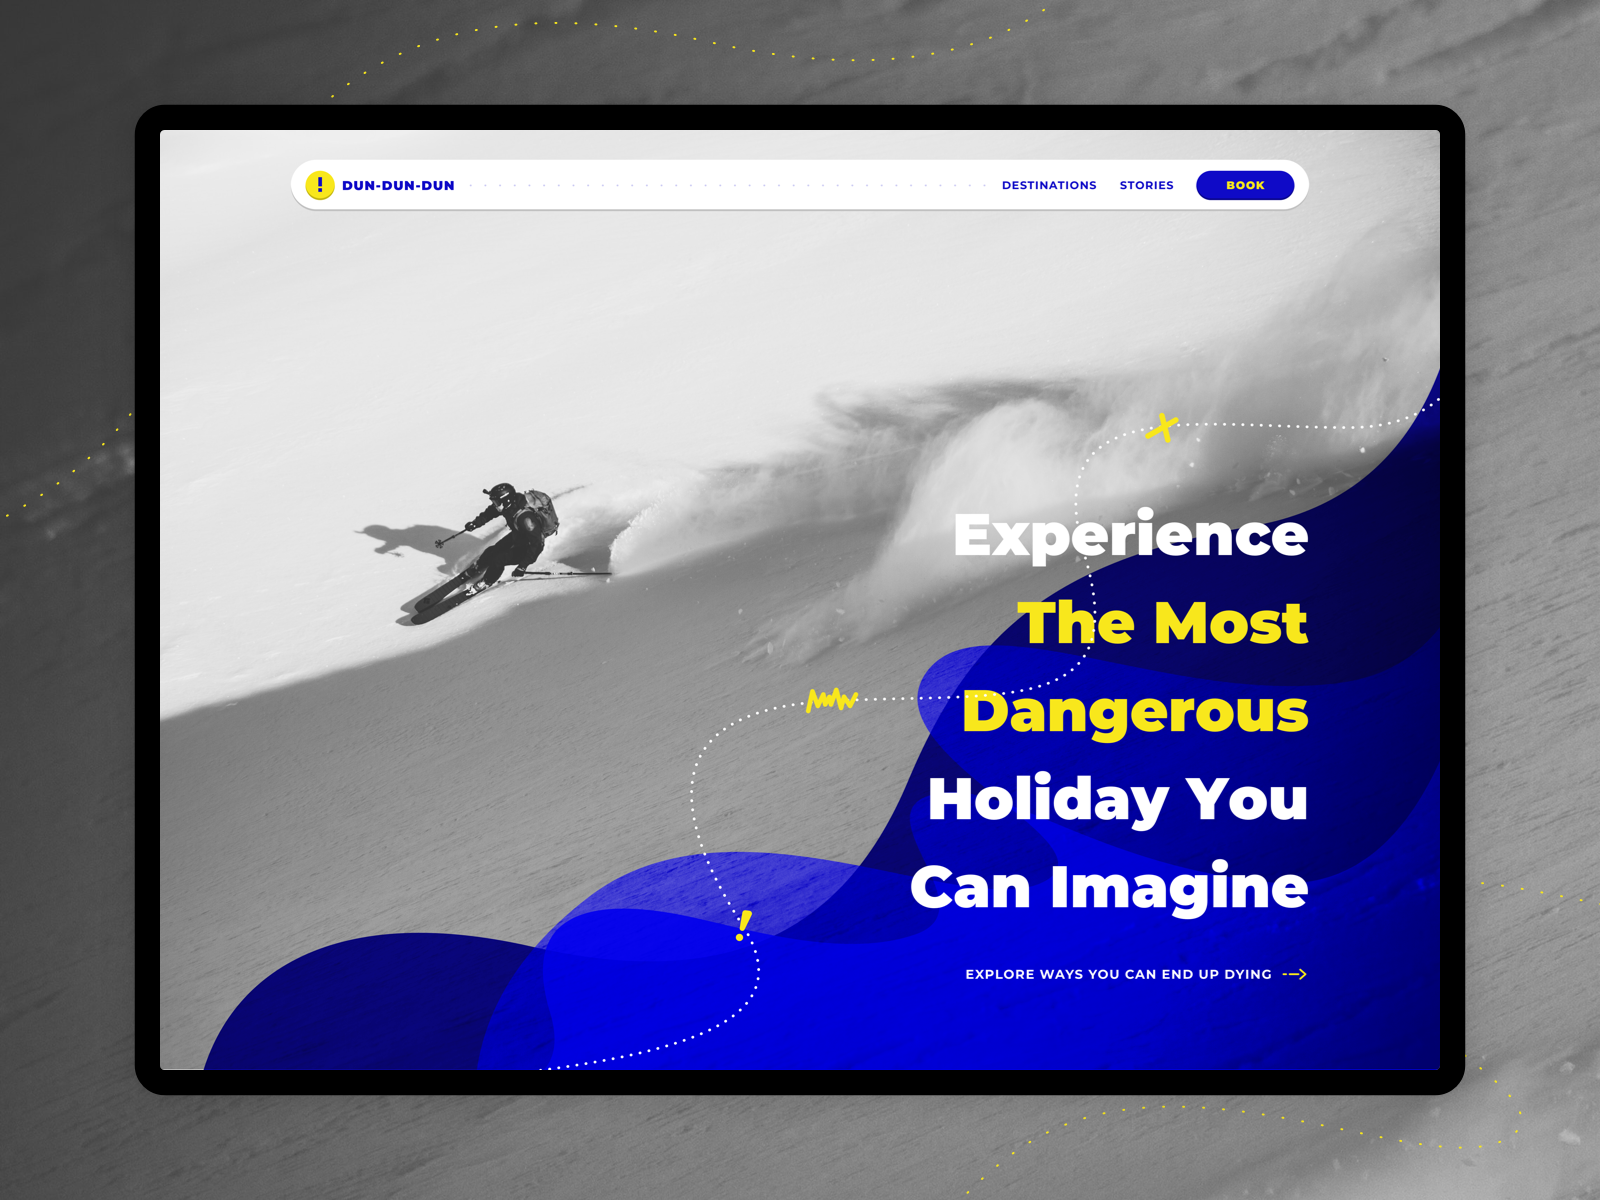 DUN-DUN-DUN agency explore dangerous tour landing page adrenaline extreme xtreme ski holiday travel danger dundundun sketch